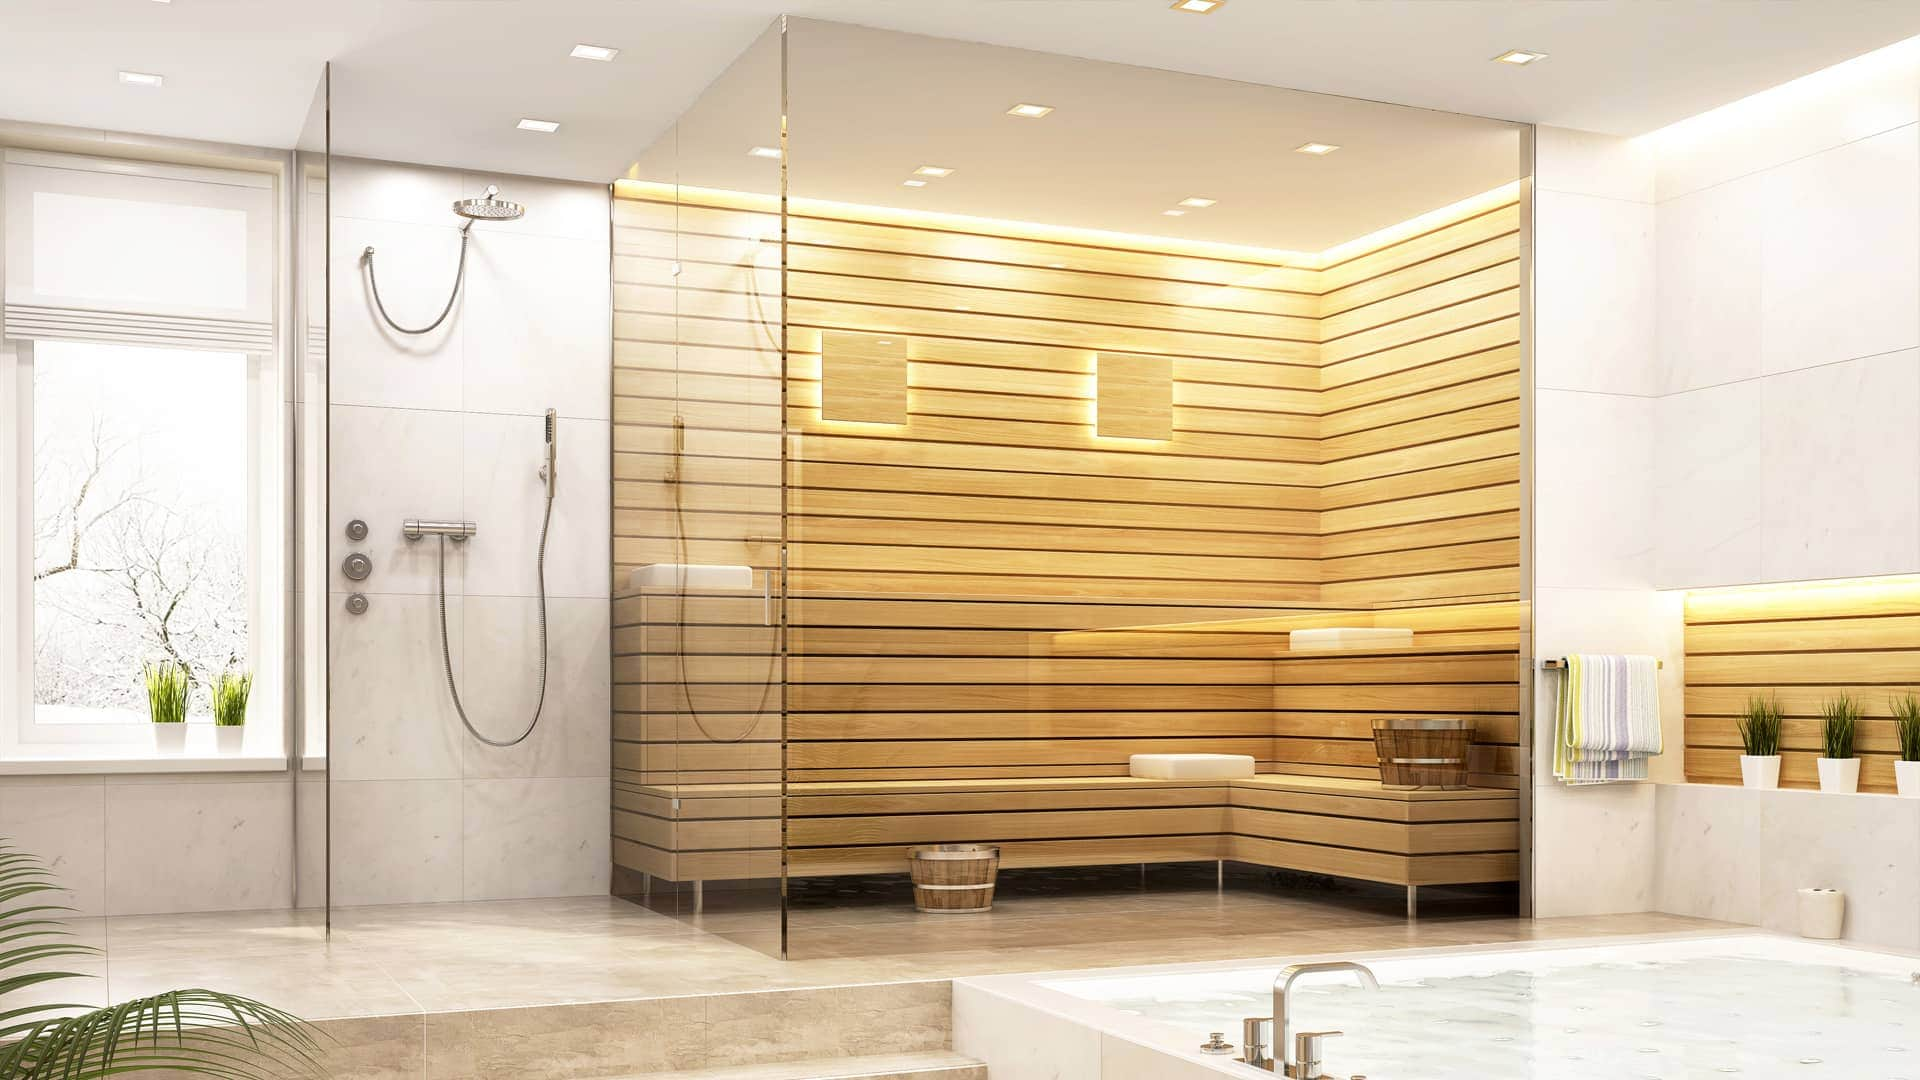 Die Sauna in den eigenen vier Wänden muss kein Wohntraum bleiben.